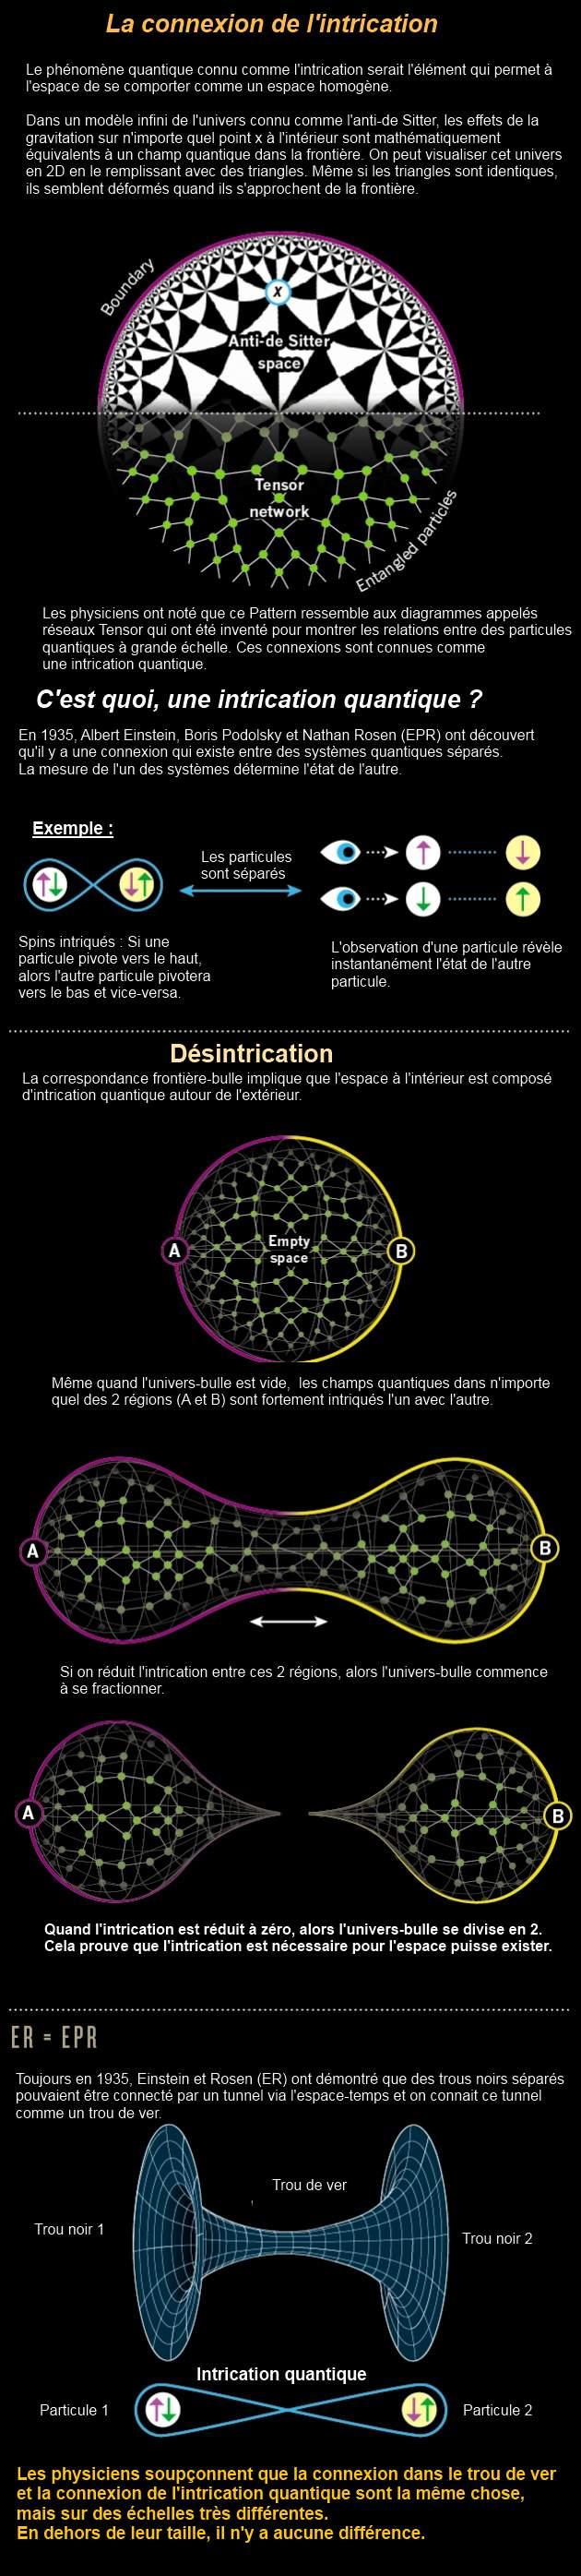 Une infographique sur l'intrication quantique et la théorie qu'elle serait à l'origine de l'espace-temps.